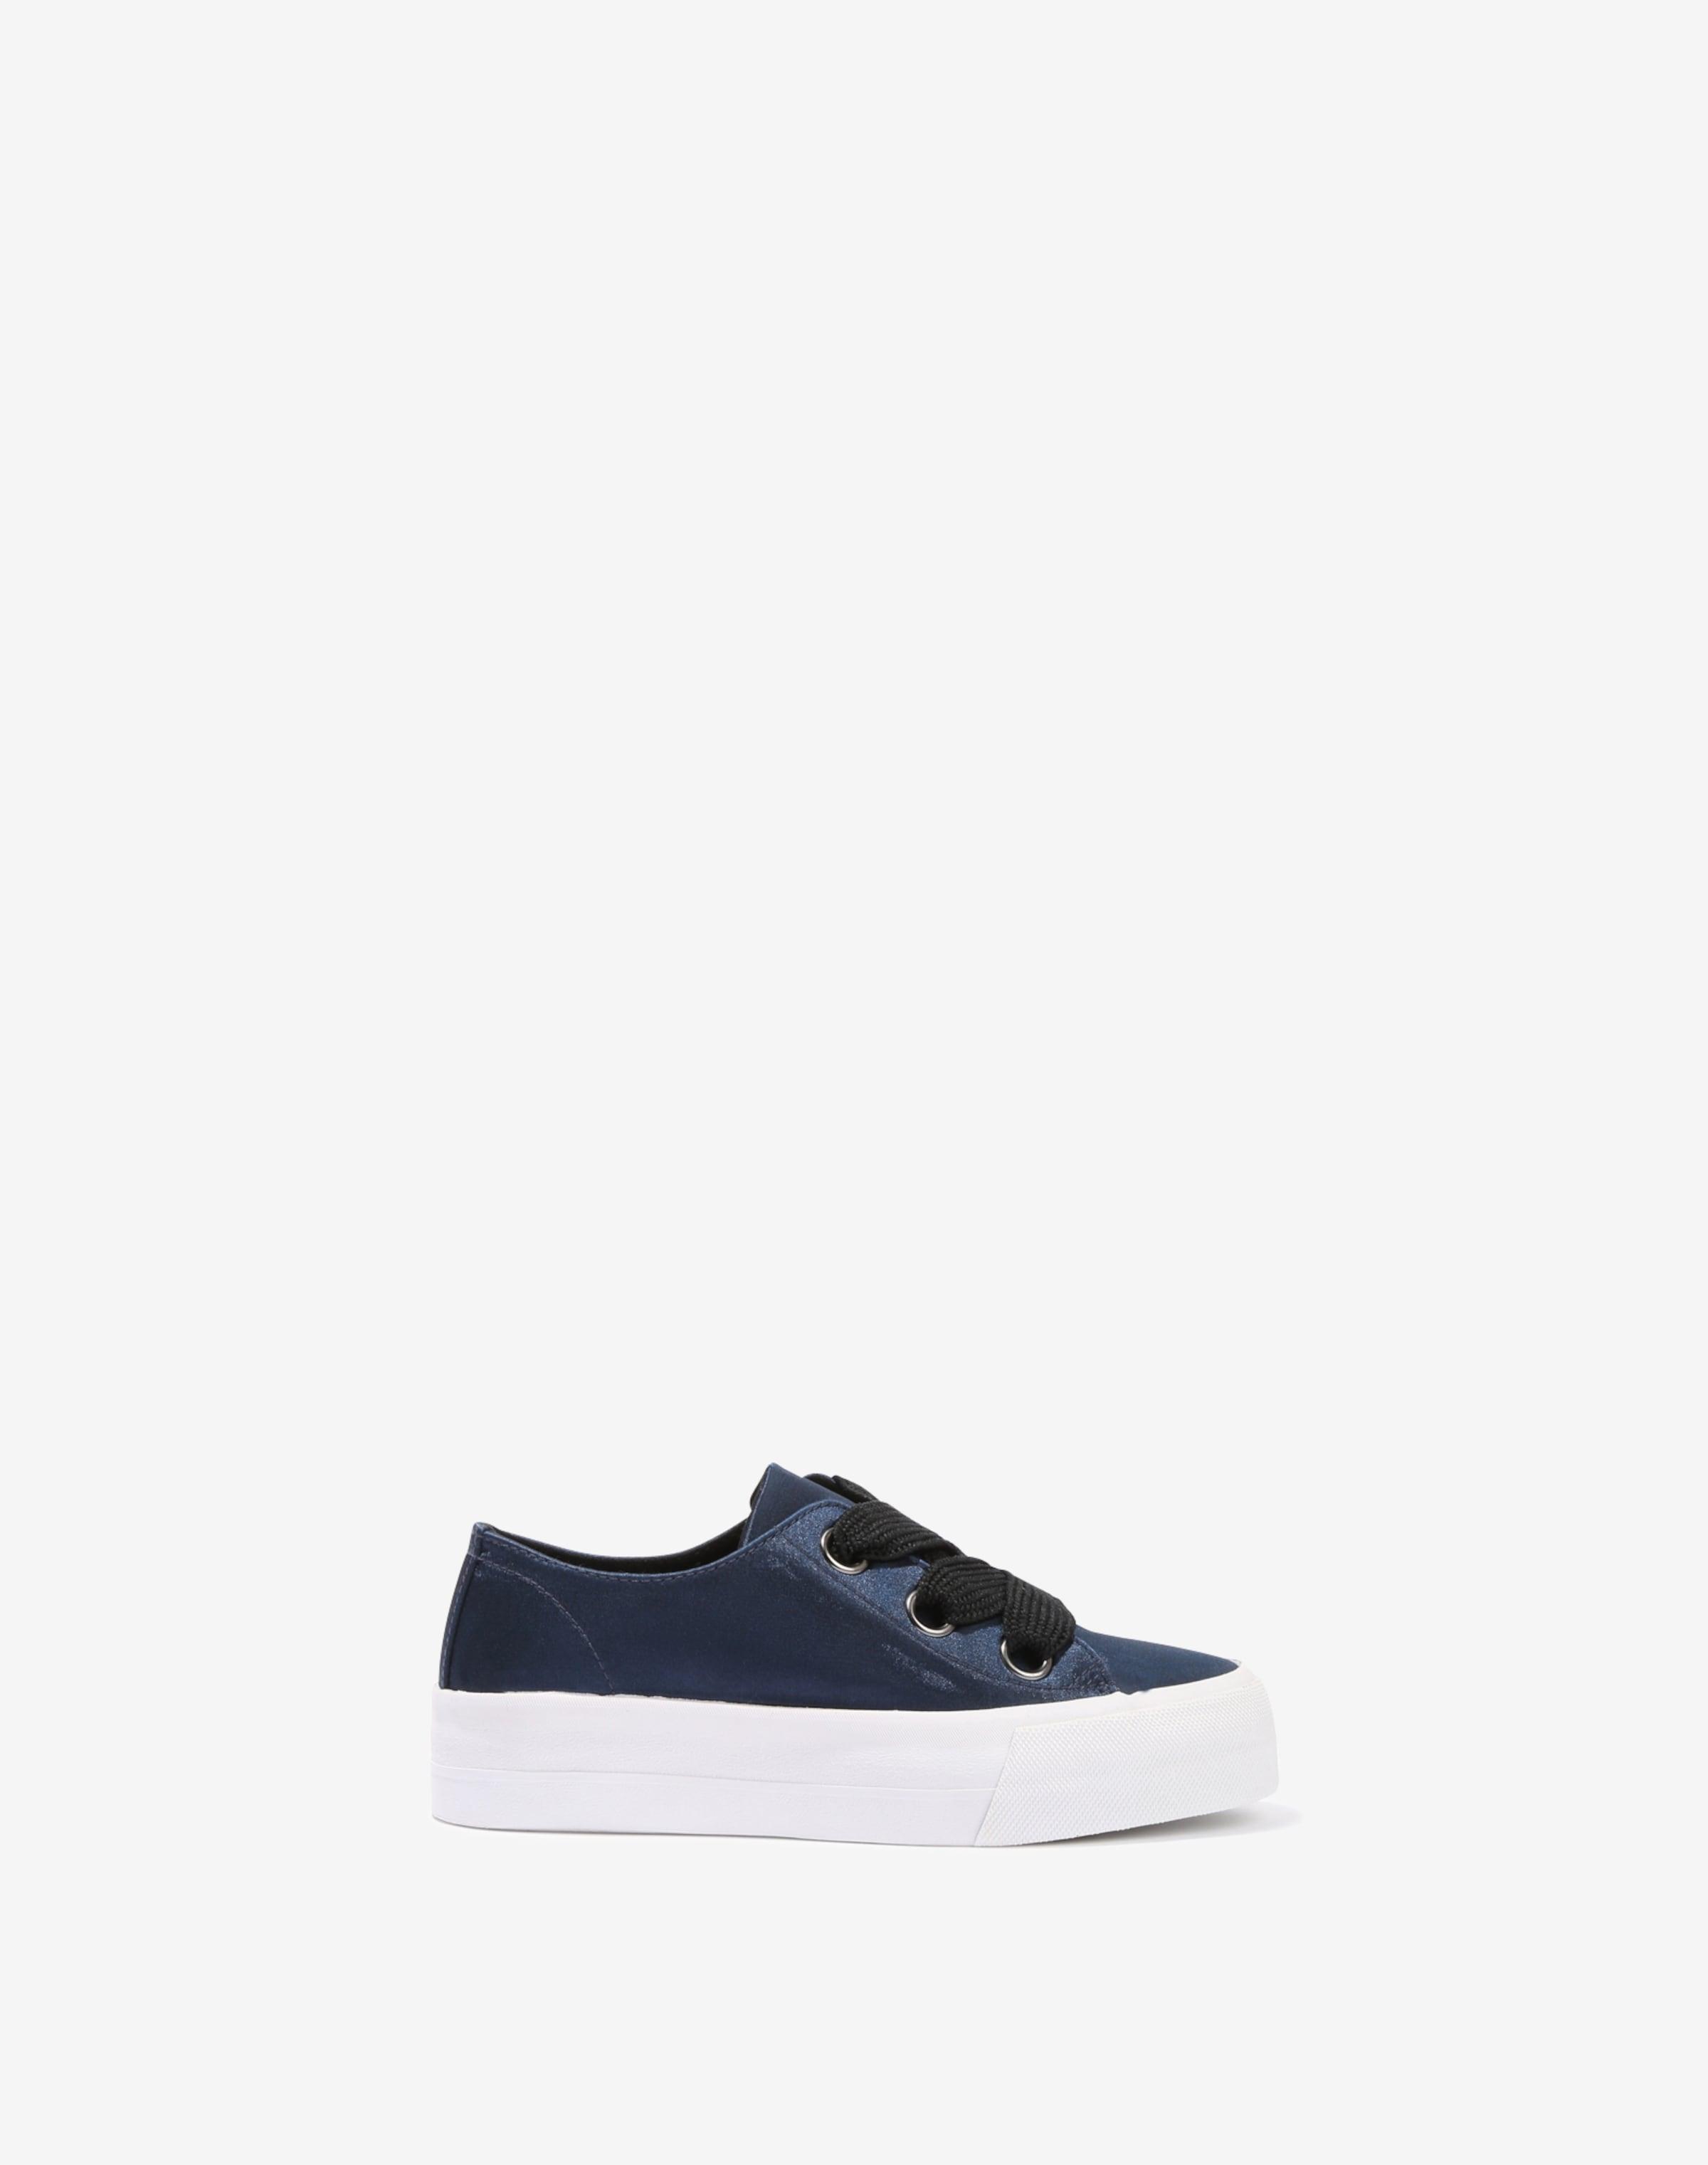 emily and eve Sneaker 'Luci' Niedriger Versand Günstig Online Verkauf Niedriger Versand Billige Mode Billiges Countdown-Paket RLUeQ